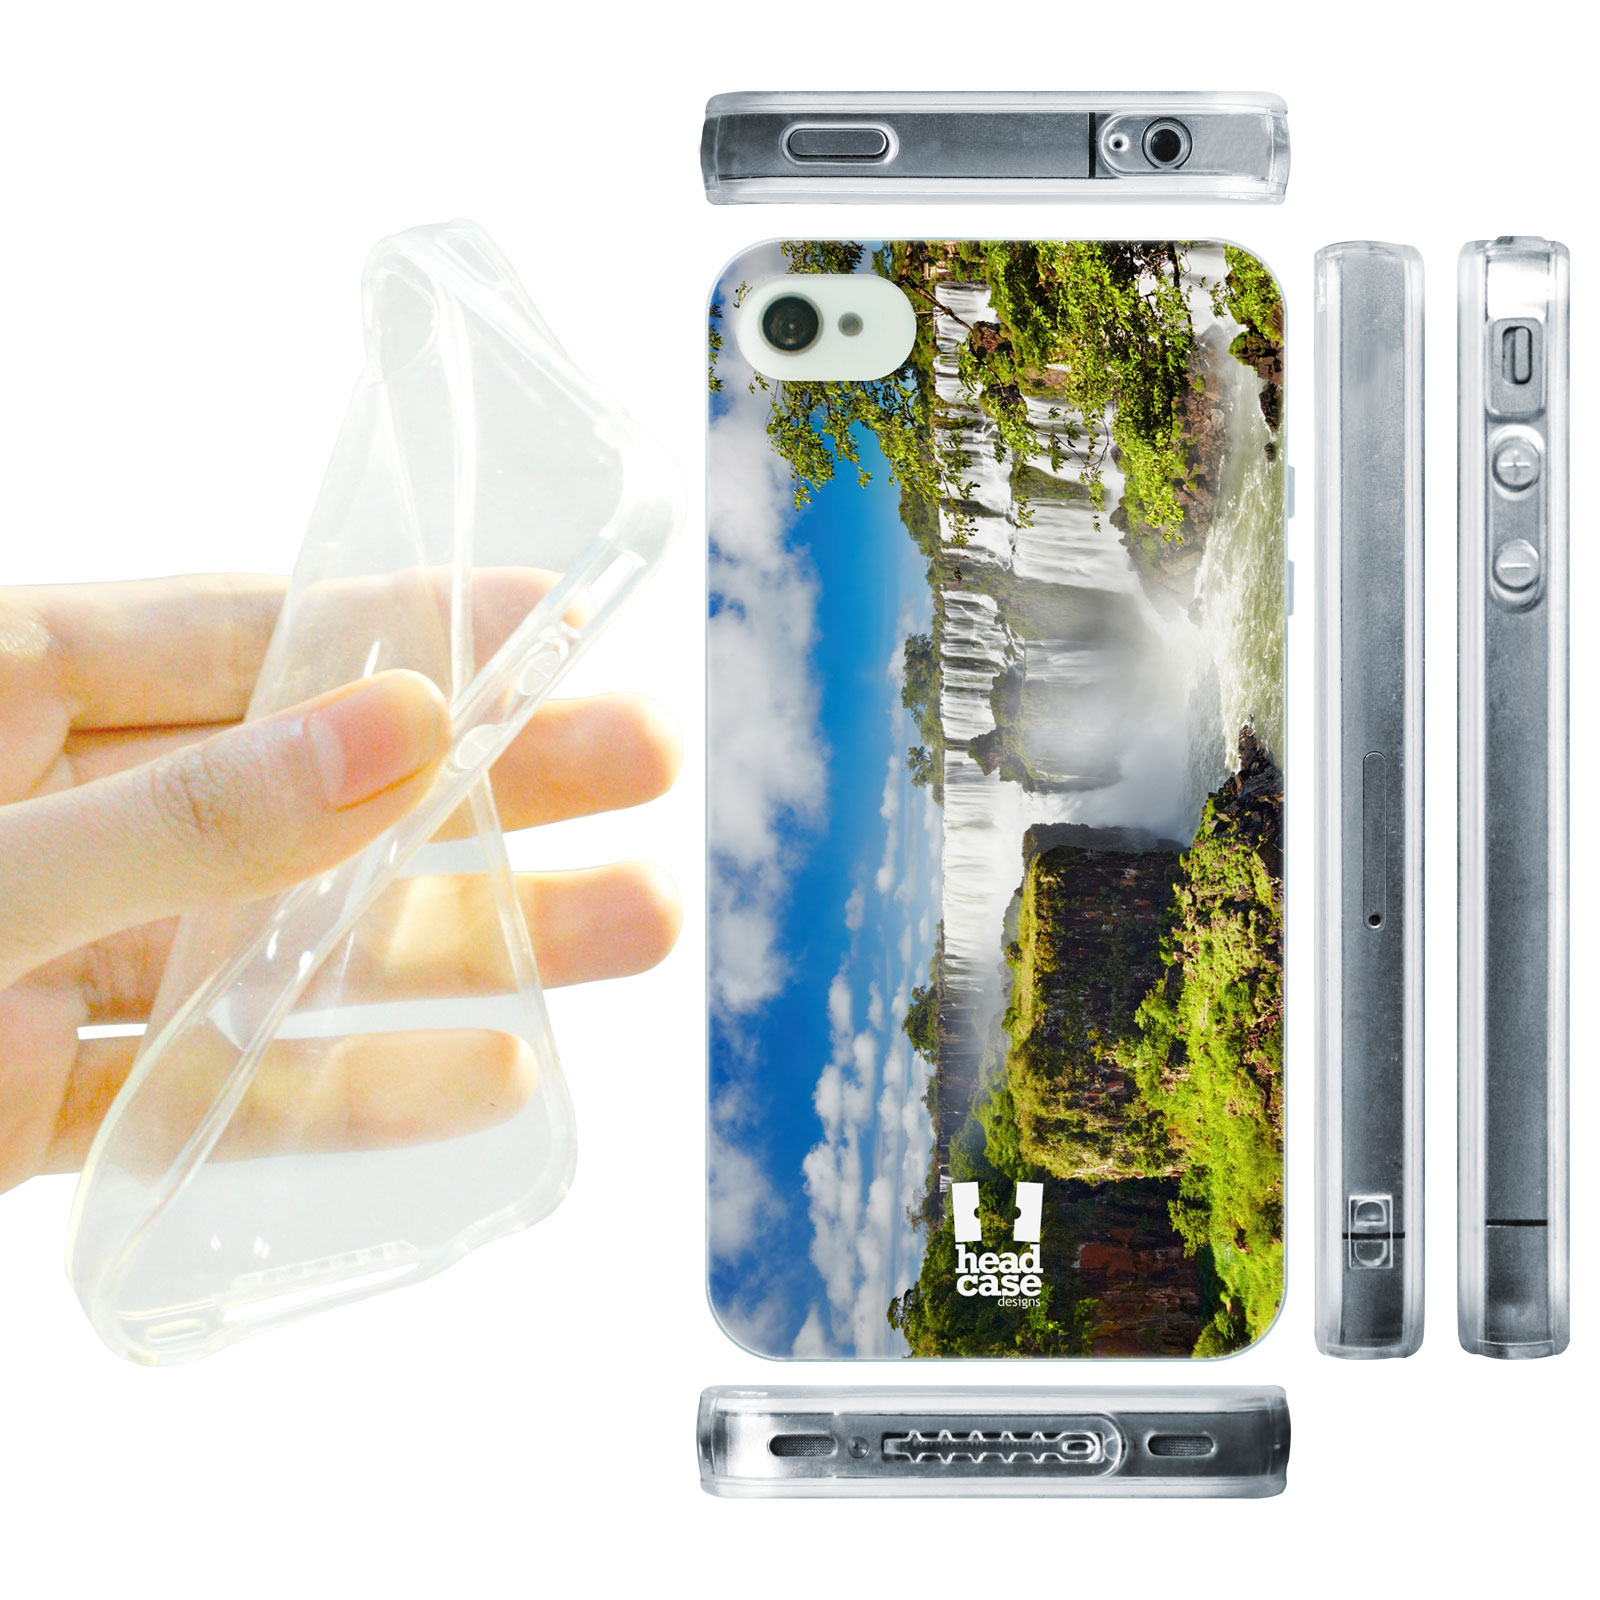 HEAD CASE silikonový obal na mobil Iphone 4/4S foto Iguaza vodopád modrá a zelená